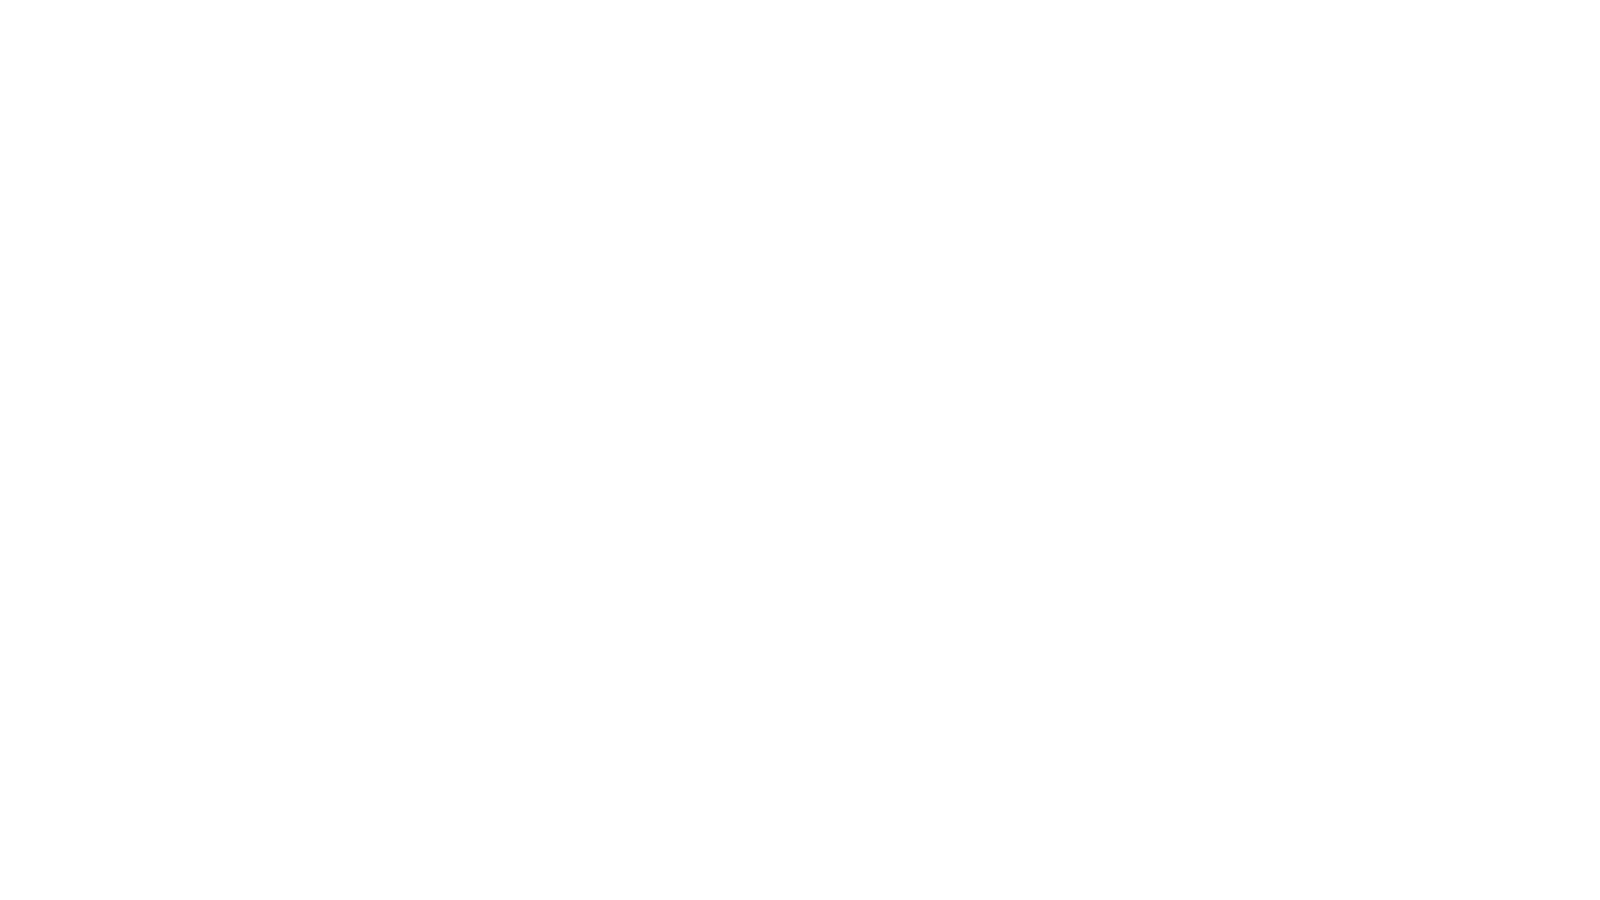 Una città, Modena, dove il cibo rappresenta identità cultura e che ama visceralmente lo sport. L' occasione di un incontro fra queste due anime è la collaborazione fra SportMore, associazione che ha come obiettivo la diffusione della cultura e dei valori utilizzando lo sport come linguaggio universale e il Mercato Albinelli, che orgogliosamente vuole raccontare e festeggiare i suoi novant'anni di storia.In programma eventi sportivi in primavera/estate e una serie di video che raccontano le due anime di Modena: passione per lo sport e amore per il cibo.Dopo l'intervista a Lauro Malavolti, è la volta di Jonathan Giacobazzi, executive race manager in Scuderia Ferrari.La famiglia Giacobazzi possiede la più ampia collezione al mondo per numero di cimeli appartenuti a Villeneuve; Jonathan si è sempre dedicato alla Formula 1, anche per via del sostegno che la sua famiglia diede proprio a Villeneuve quando correva per la Ferrari. Il rapporto di stima e affetto che instaurò con Gilles è il focus di questa intressantissima intevista.